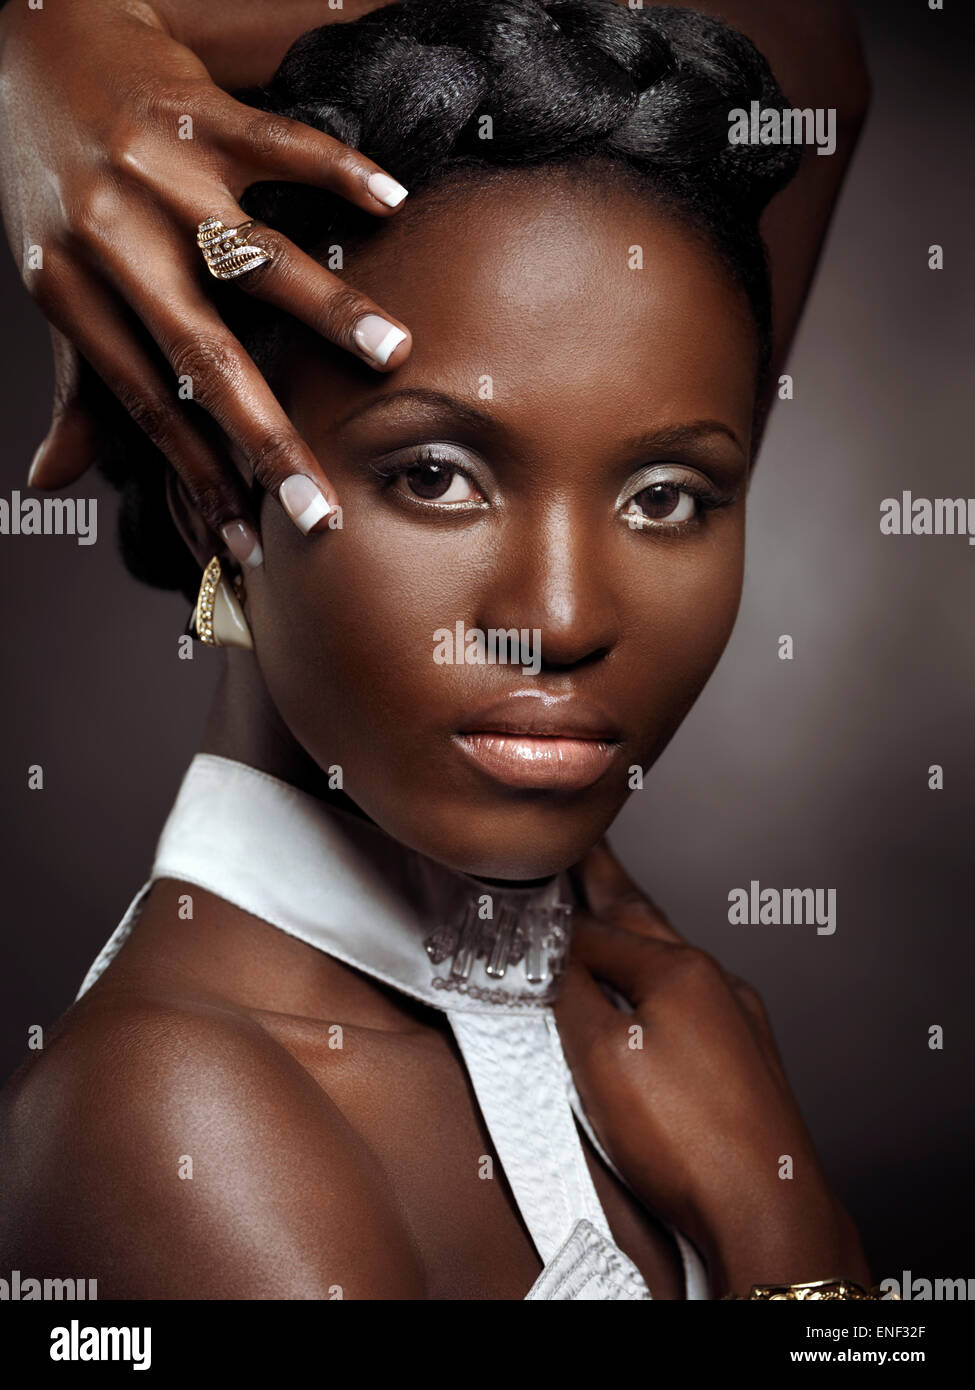 Belle jeune femme afro-américaine de beauté artistique portrait isolé sur fond noir Photo Stock